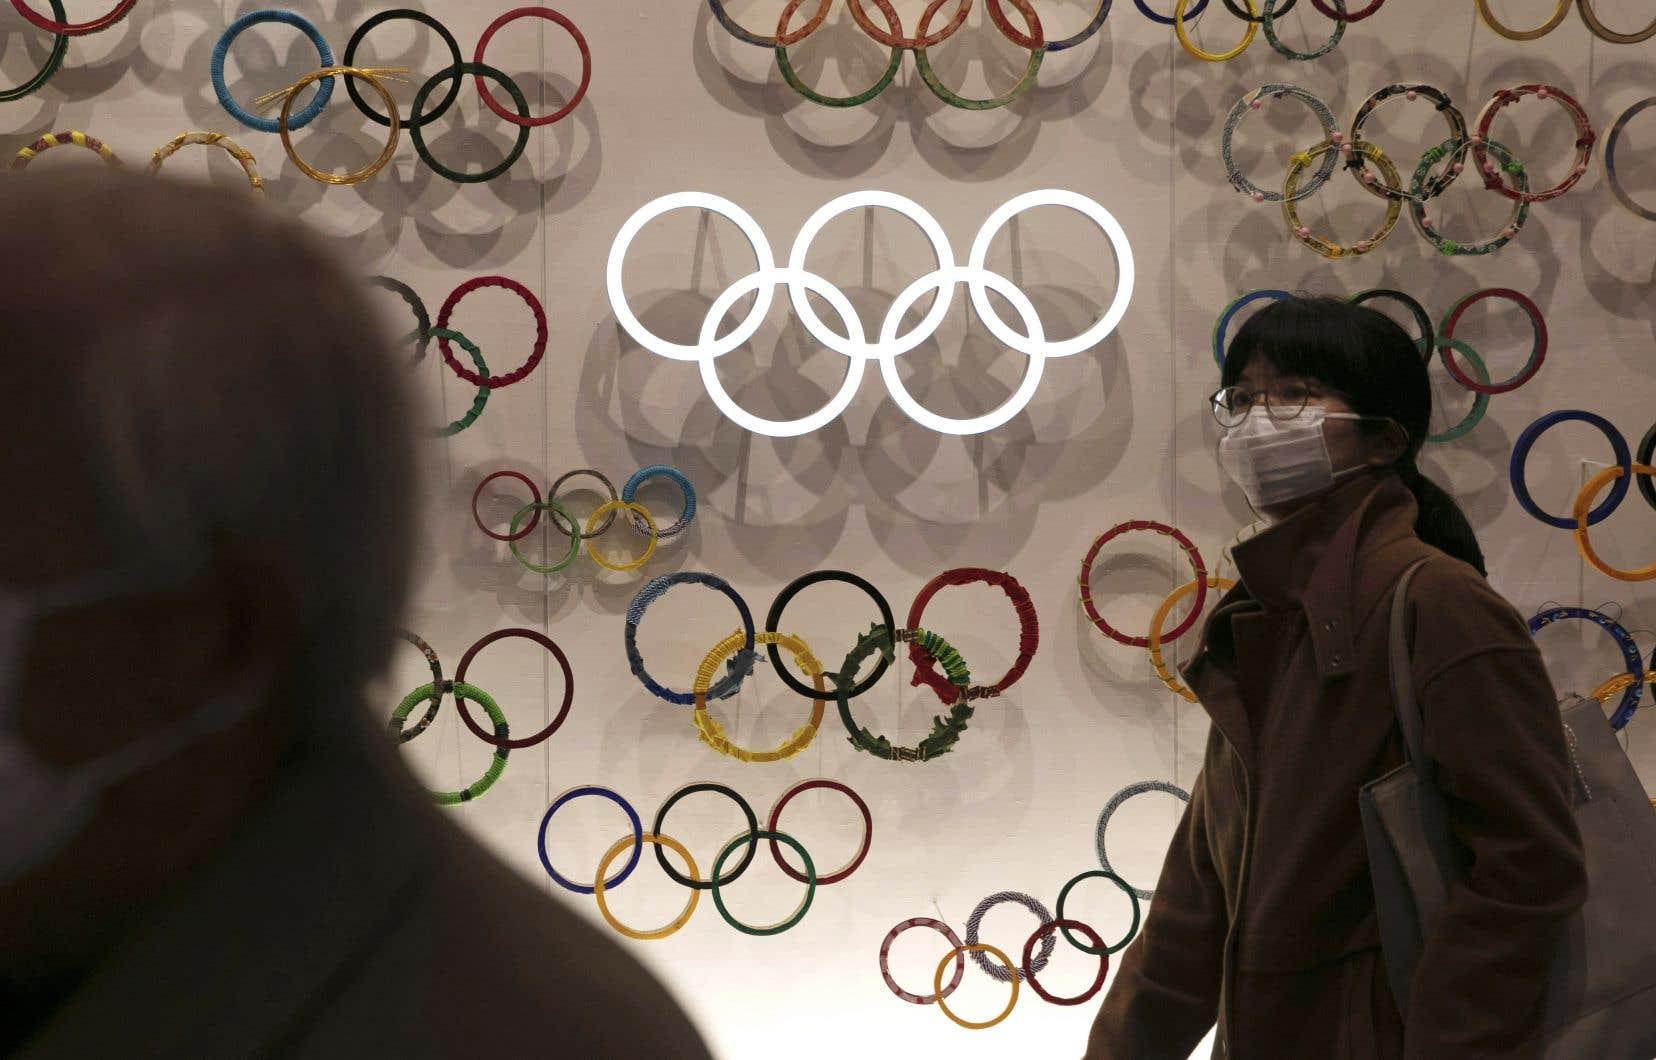 Plus tôt cette semaine, Wickenheiser, sextuple olympienne et membre de la Commission des athlètes du CIO, accusait le CIO d'agir de façon irresponsable.